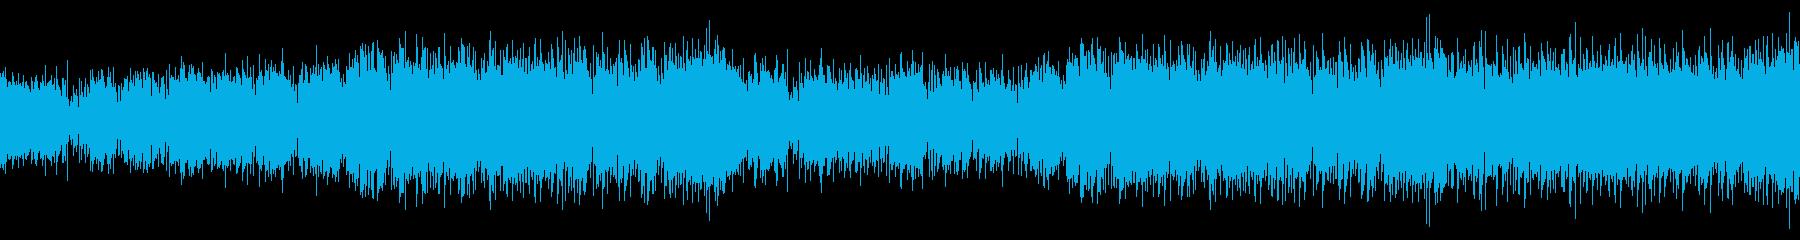 ロマンチック・映画・おしゃれ・ジャズの再生済みの波形